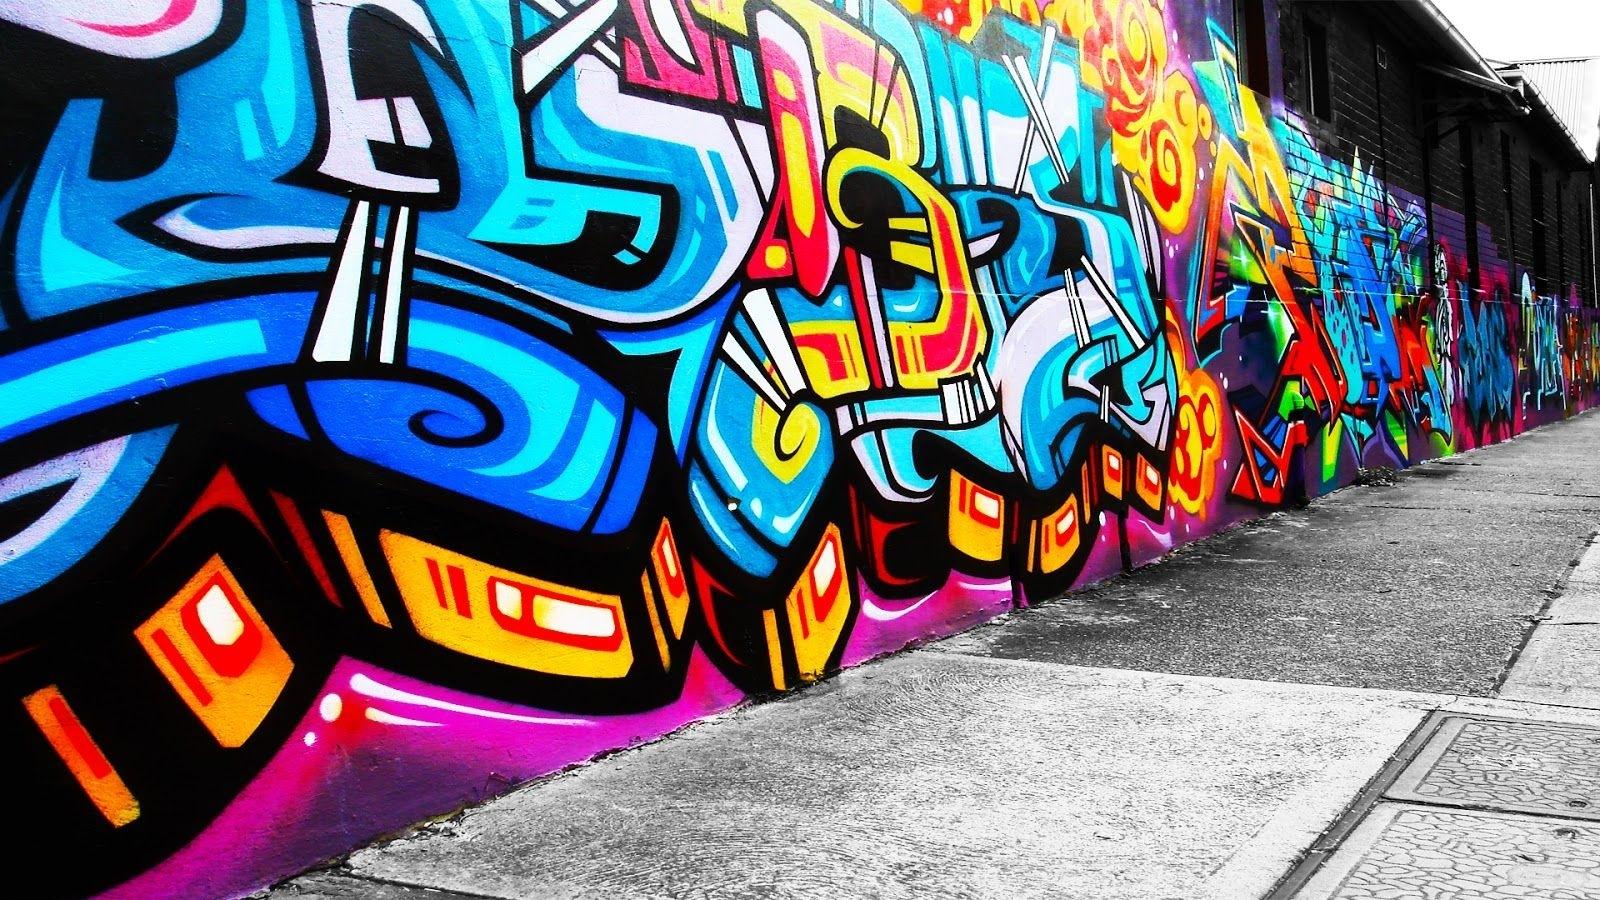 Graffiti Wall Art Background Wallpaper | Wall Art | Pinterest In Best And Newest Graffiti Wall Art (View 4 of 20)